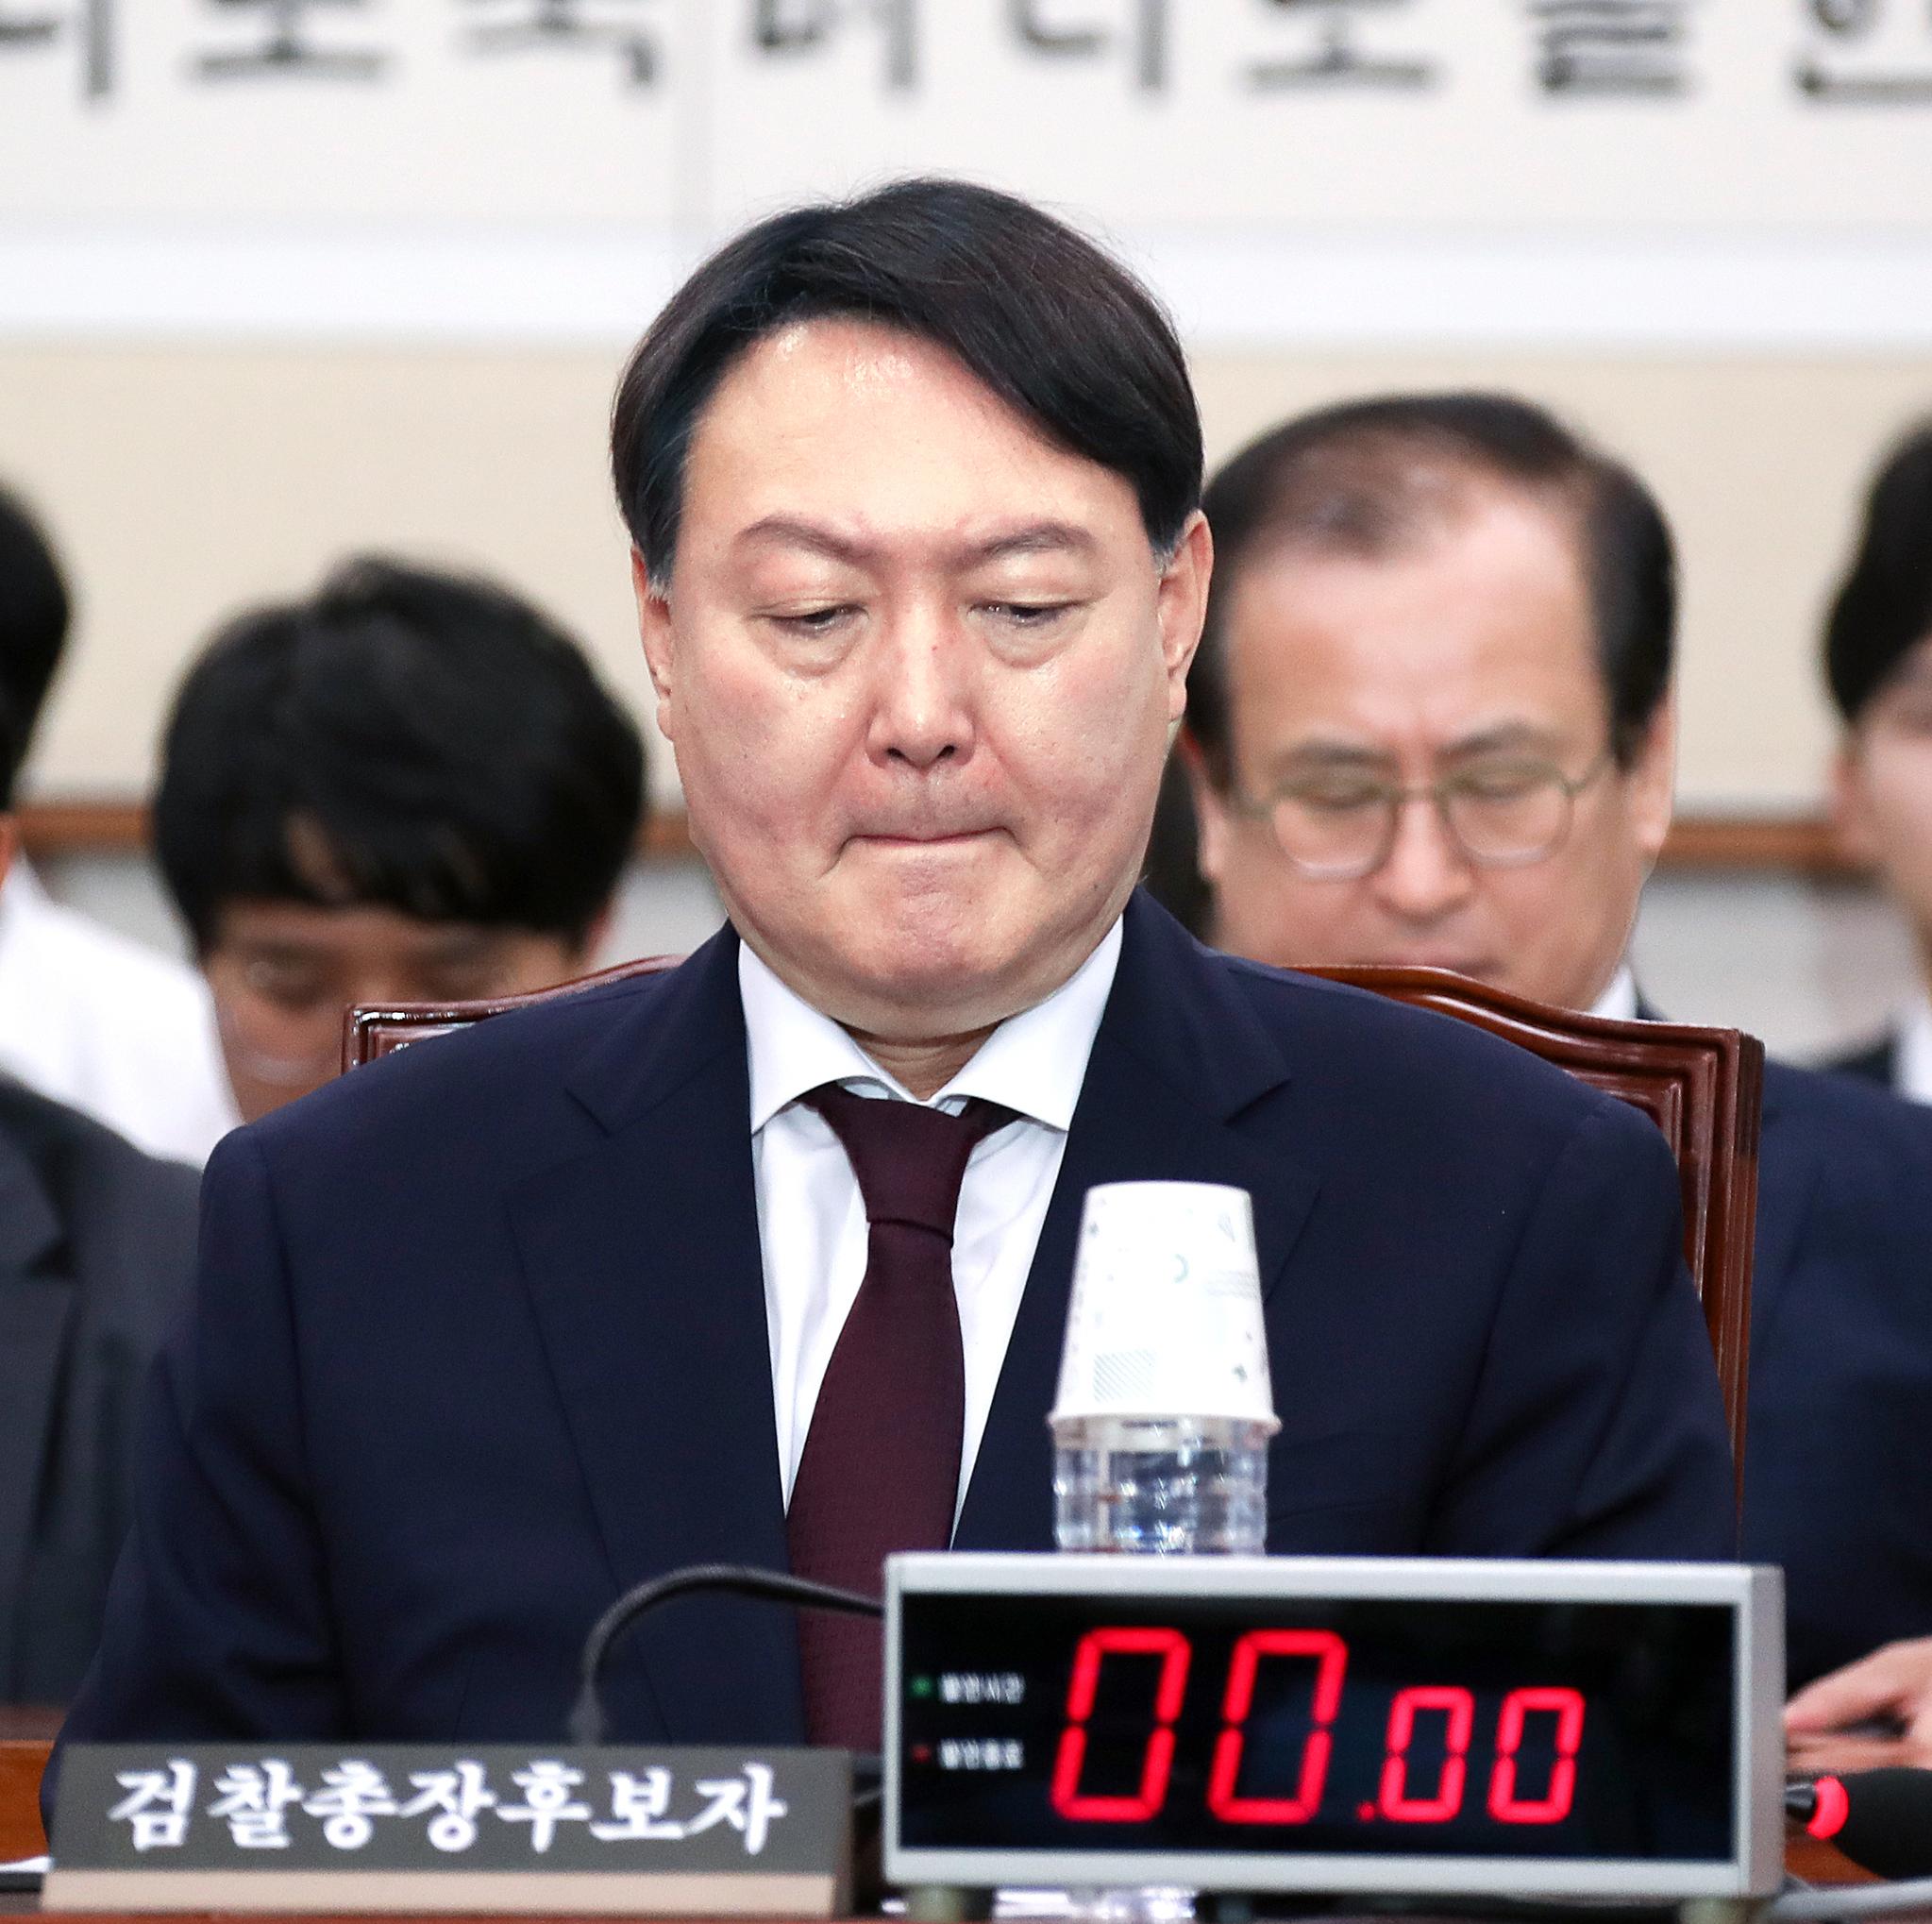 윤석열 검찰총장 후보자가 지난 8일 국회에서 열린 인사청문회에 출석해 회의 시작을 기다리고 있다. 임현동 기자